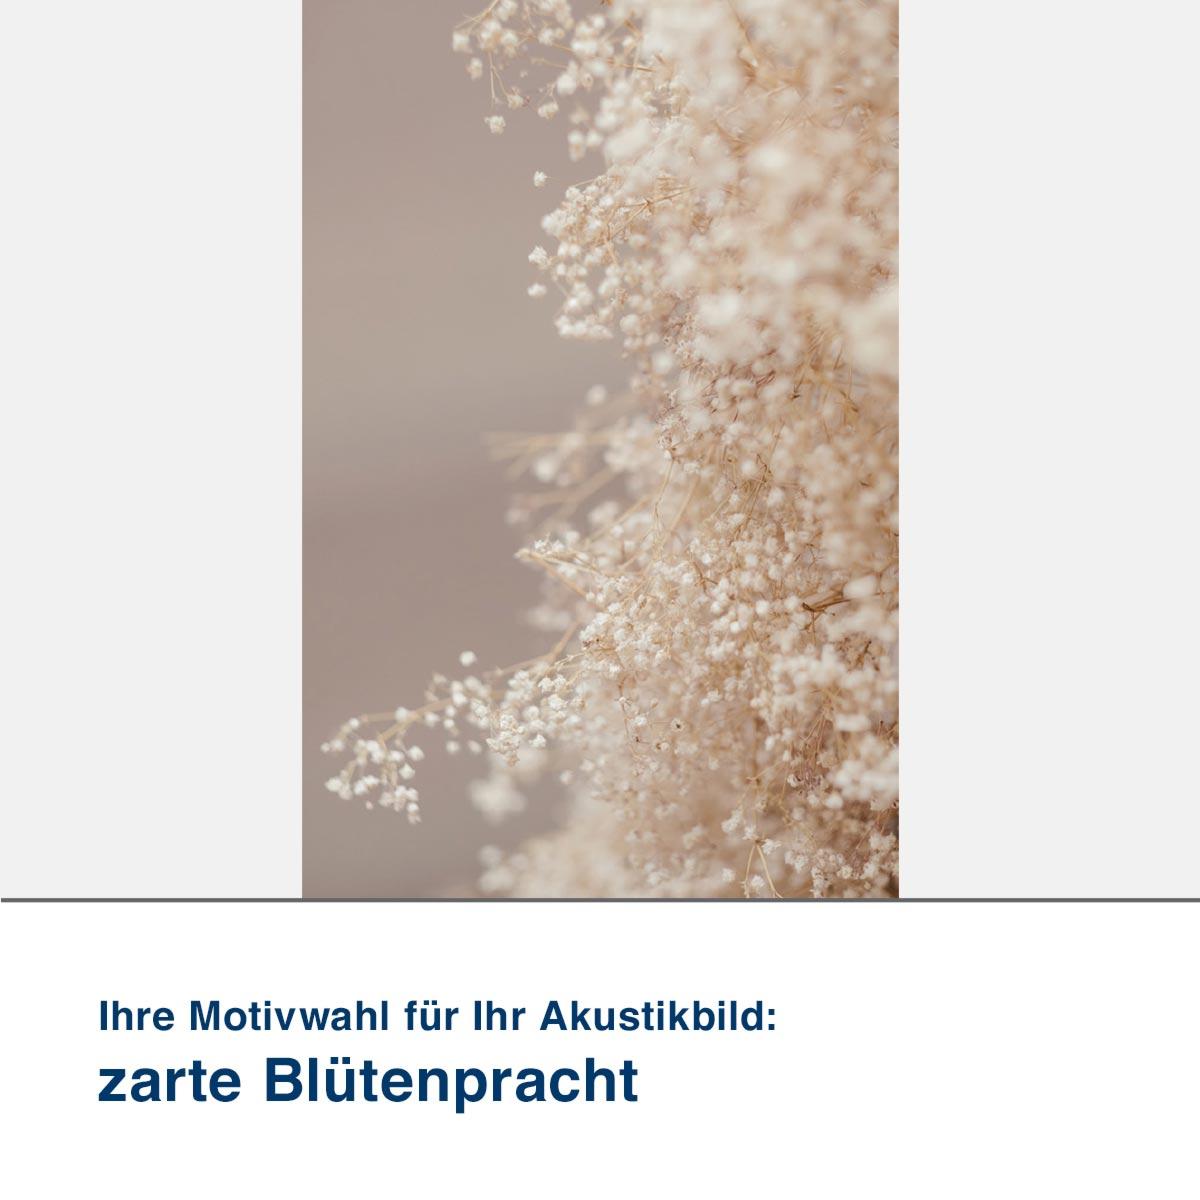 Akustikbild Motiv zarte Blütenpracht